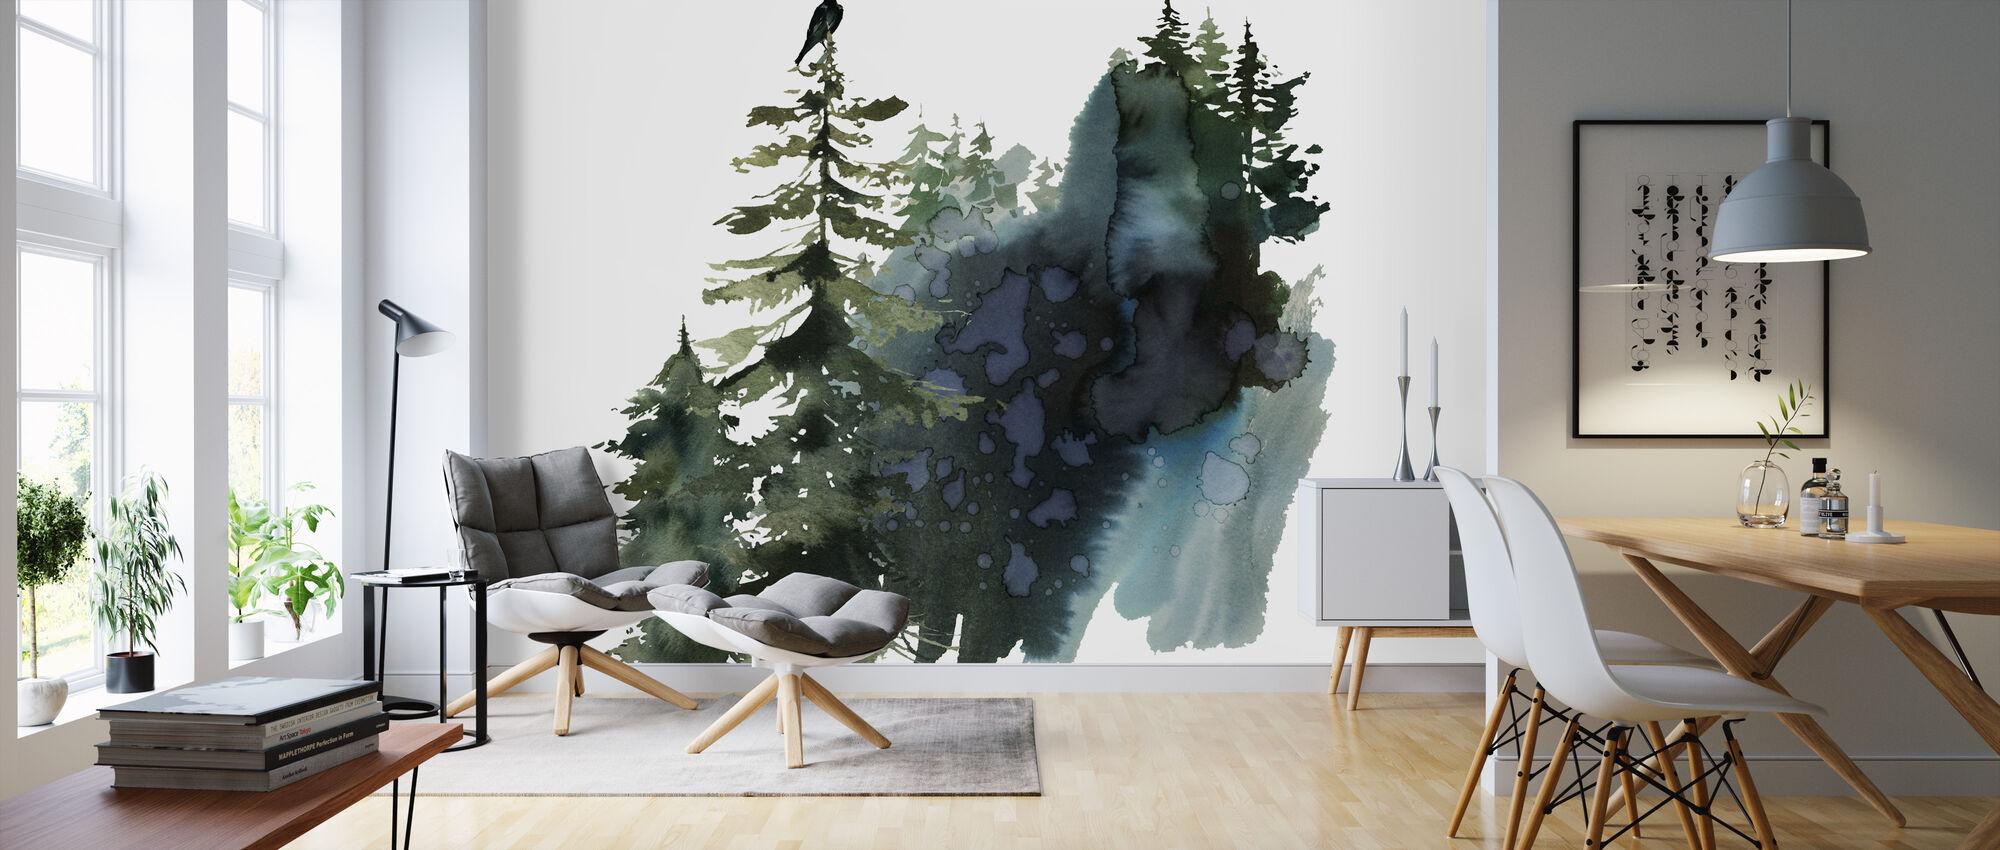 Aquarell Krähenwald - Tapete - Wohnzimmer